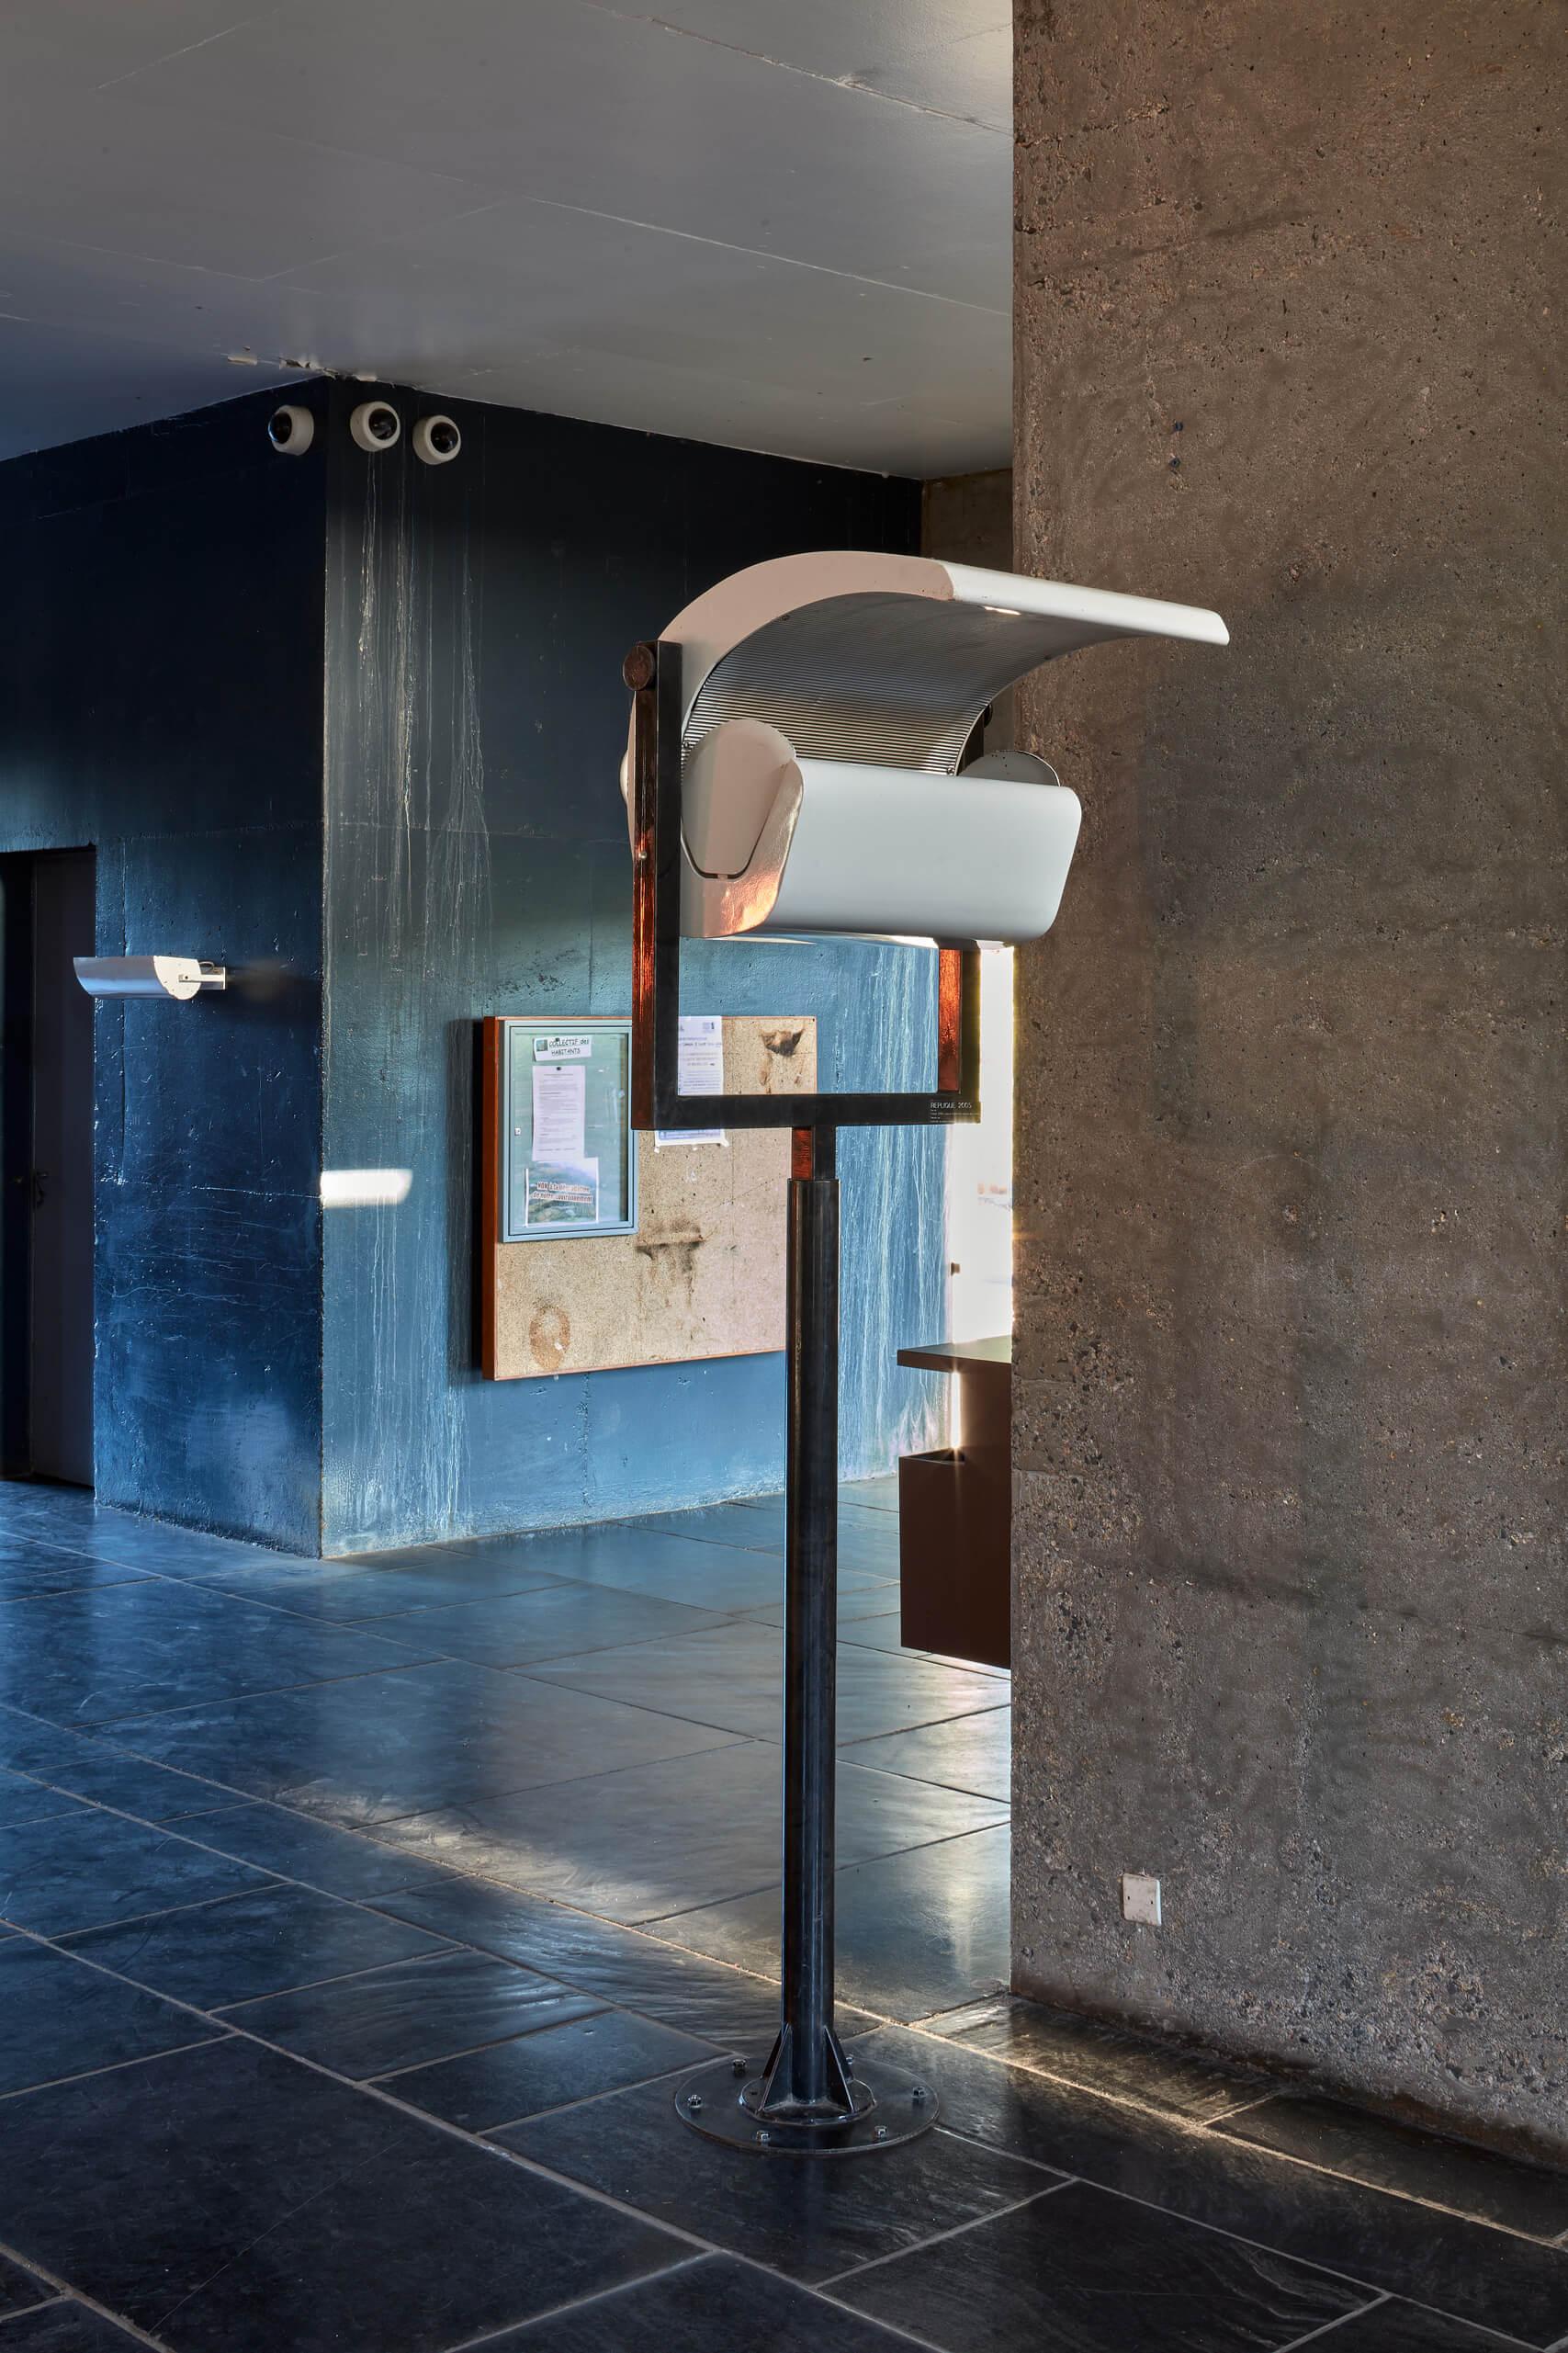 Federico_Covre_Unité_Firminy_Le_Corbusier_2018_29